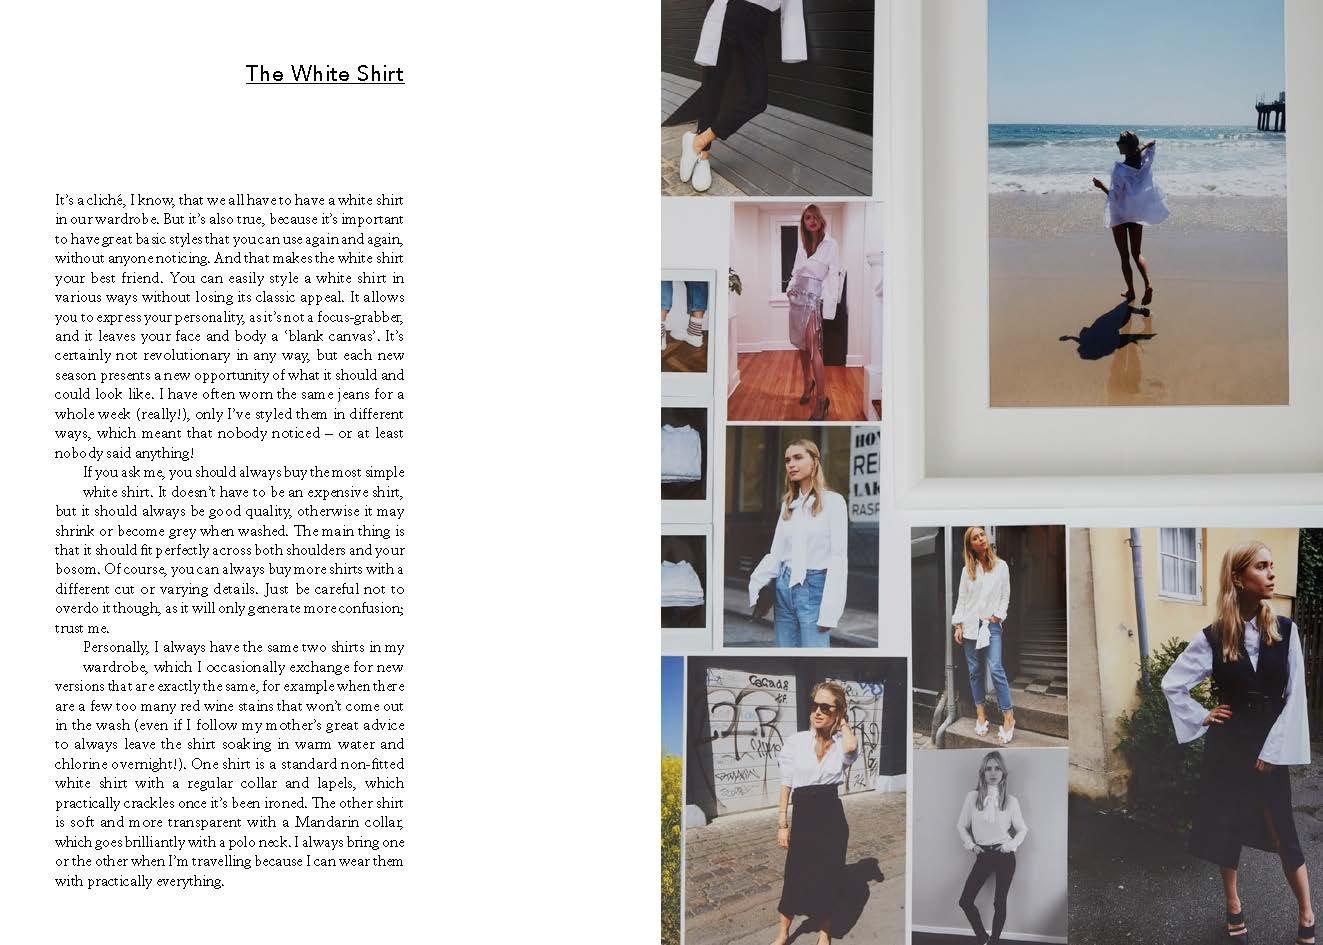 dress scandi skandinavisch entspannt selbstbewusst mode skandi style skandinavischer stil look hygge minimalismus